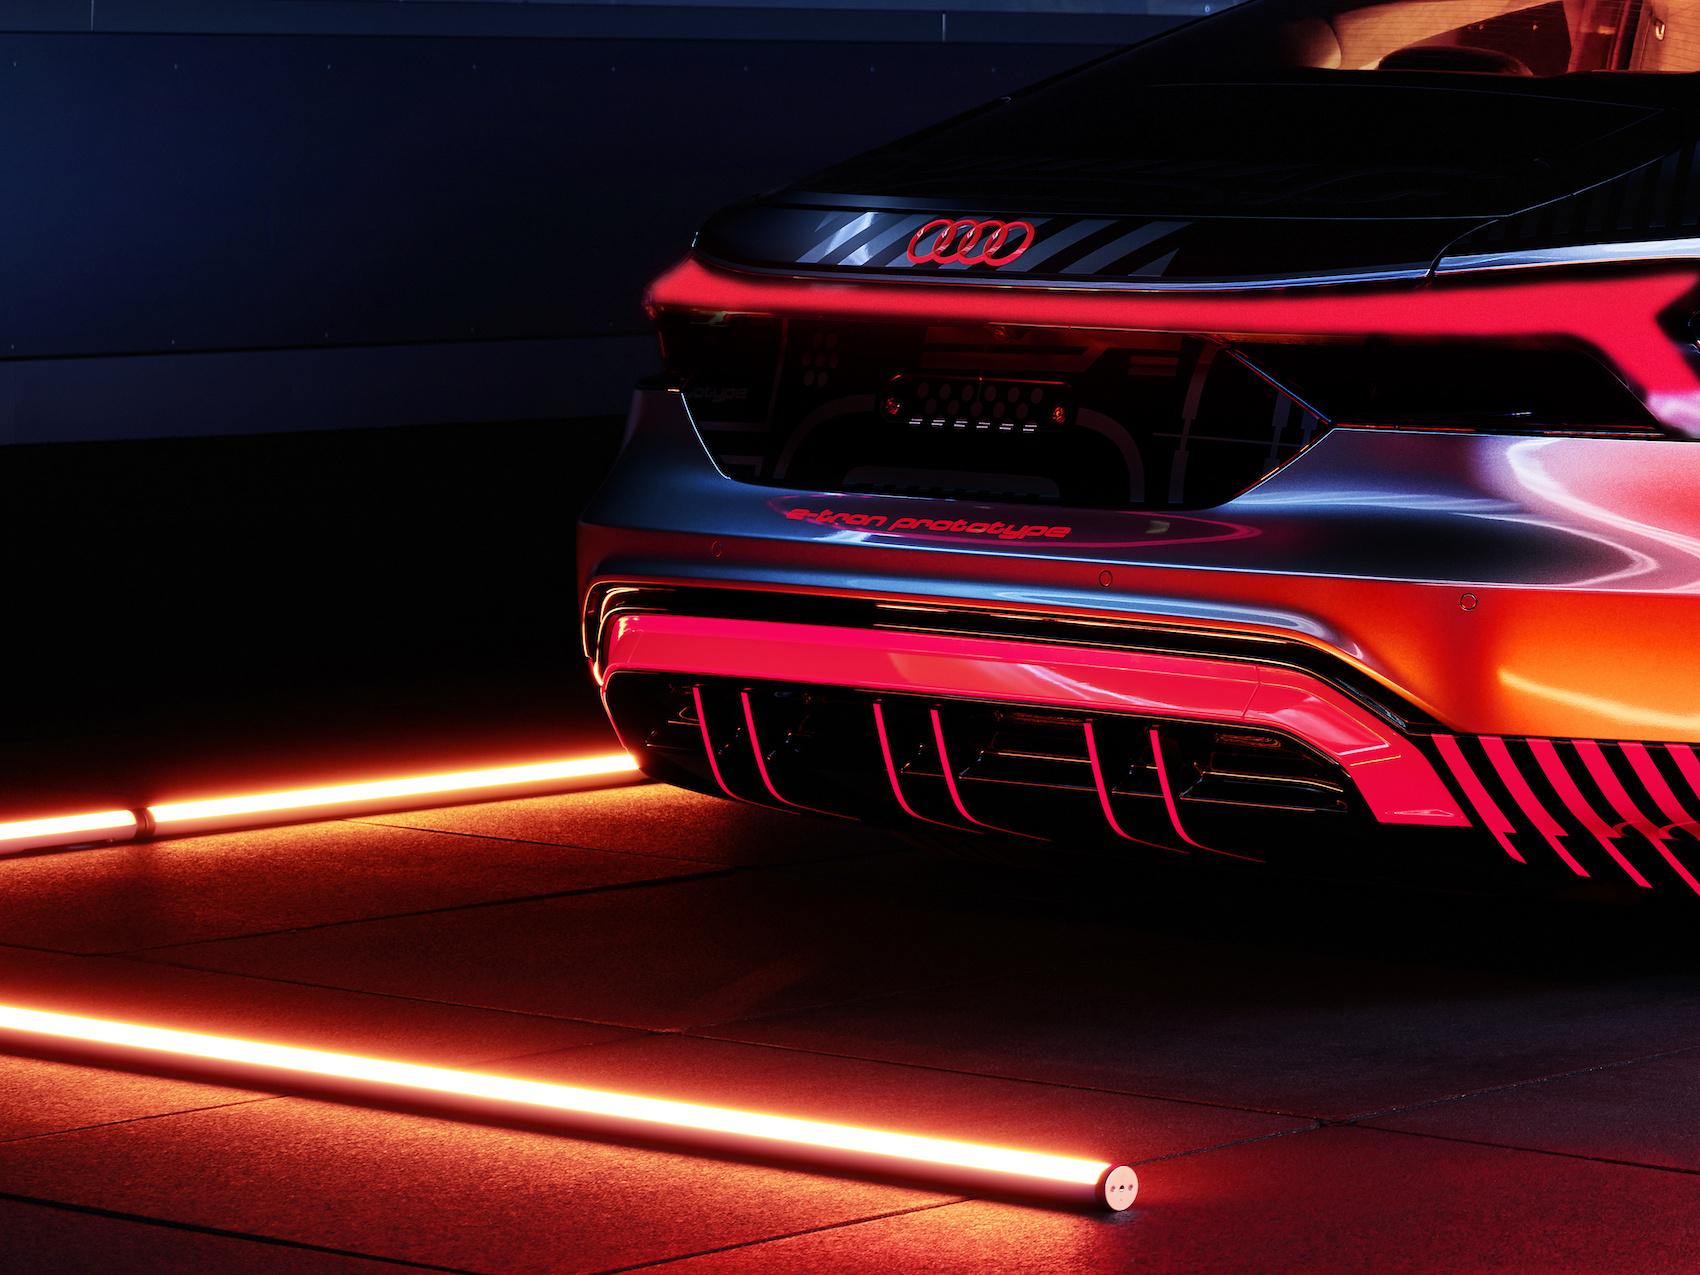 Ein Novum: Der Audi R8 mit V10-Verbrenner und der vollelektrische e-tron GT werden auf einer gemeinsamen Montagelinie gebaut. (Audi)